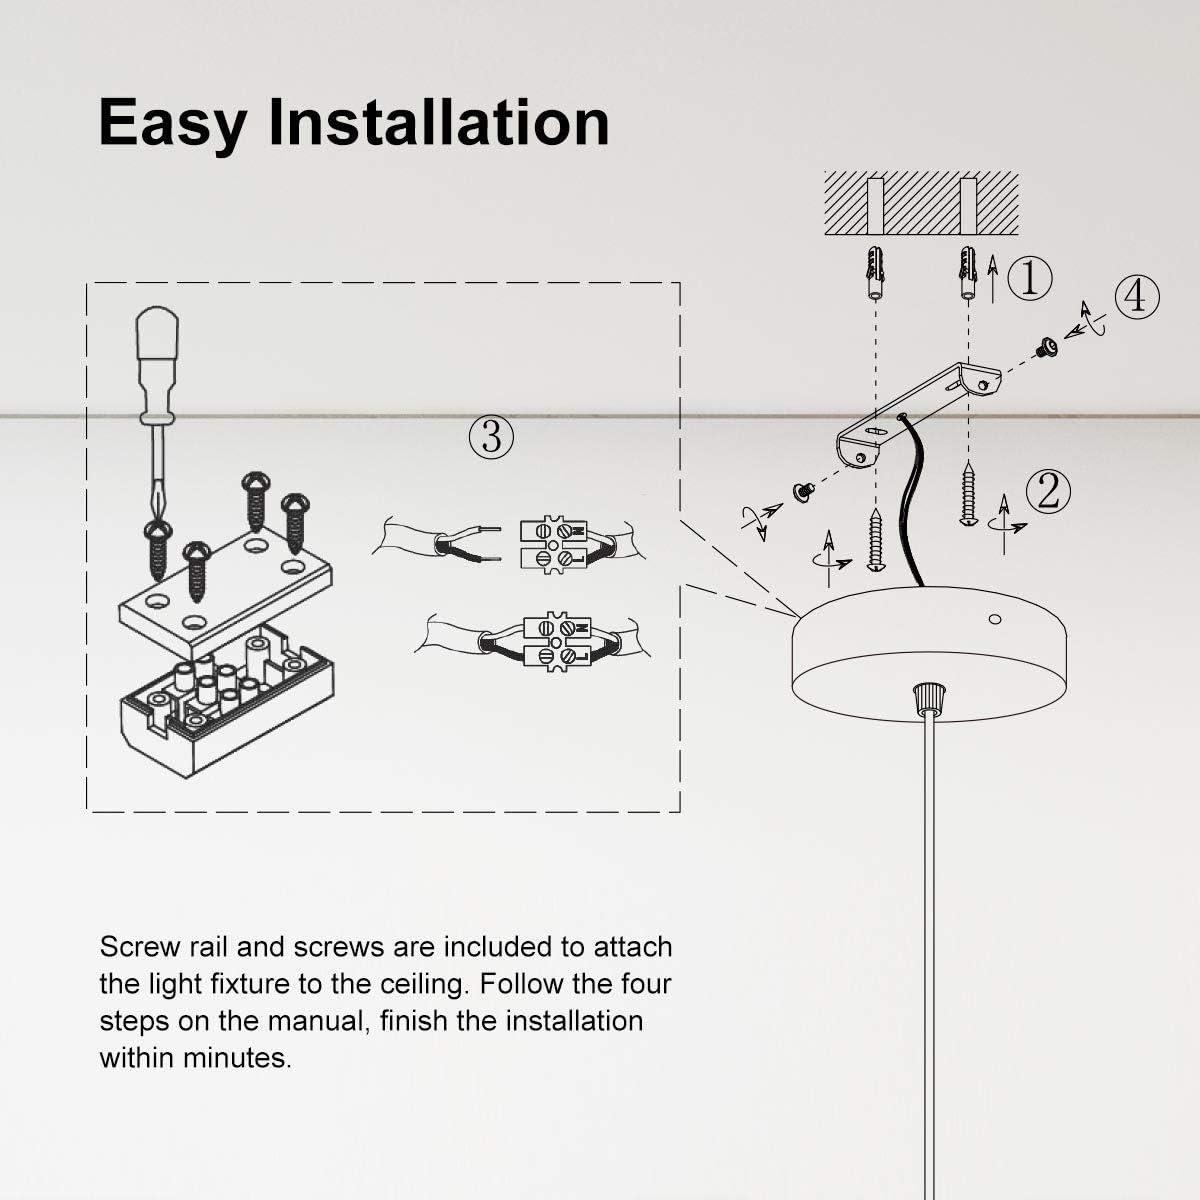 E27 Lampenfassen mit Kabel 100CM Schnurpendel Linkind Metall Lampenaufh/ängung ideal f/ür Deckenbeleuchtung Wei/ß Pendelleuchte Stoffkabel Schwarz